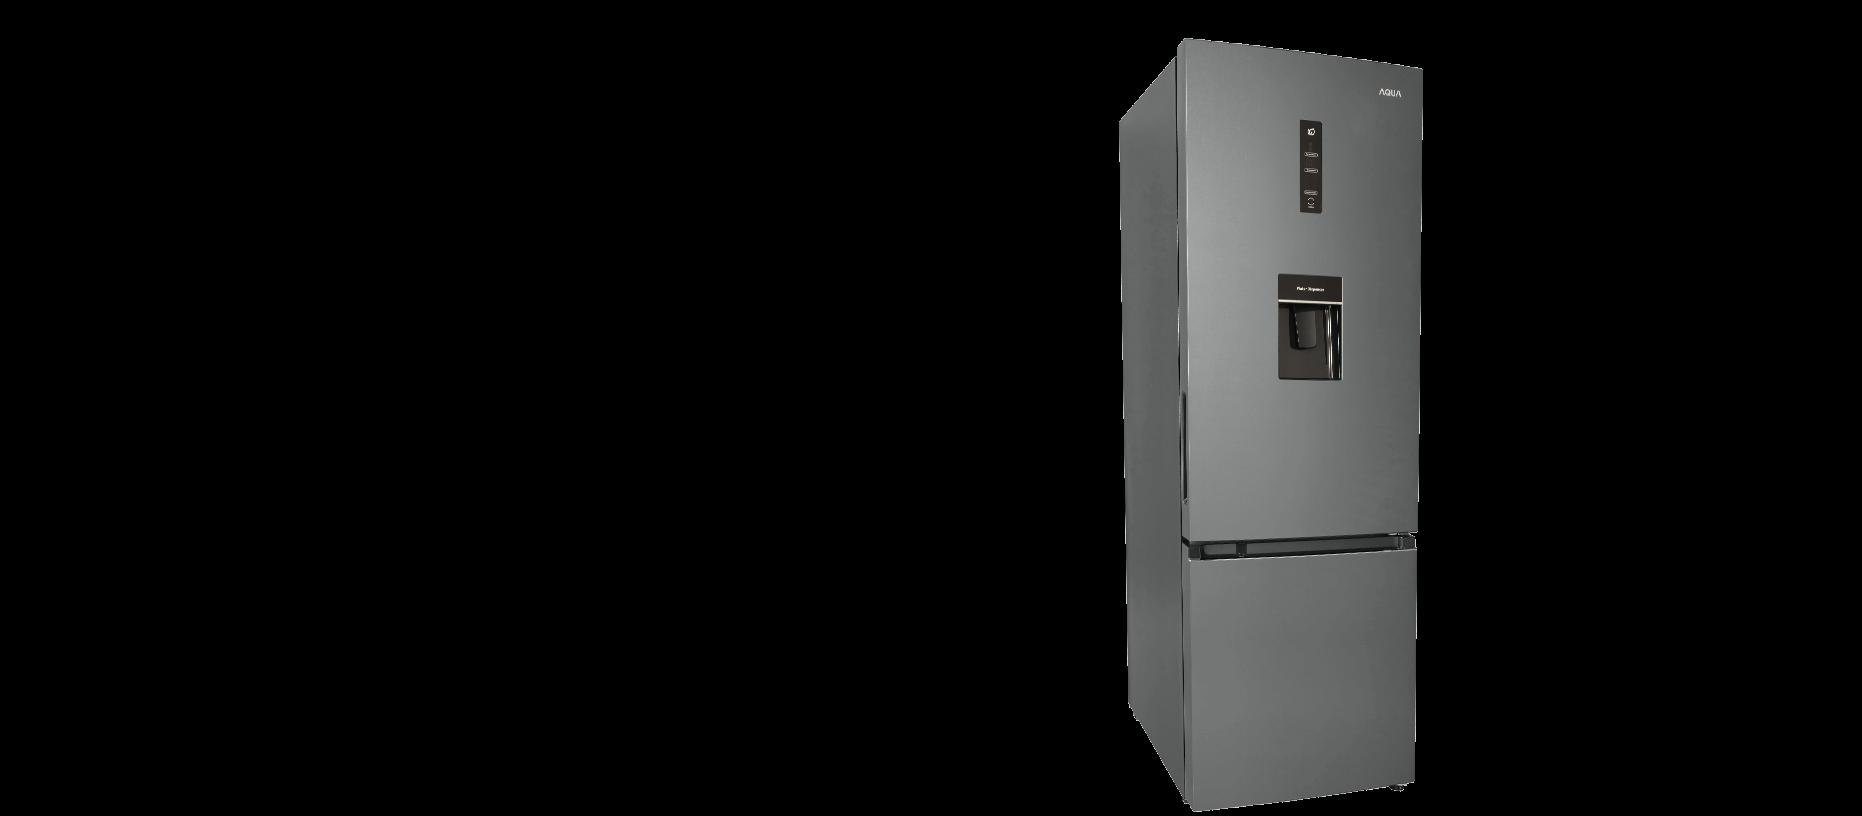 Tất cả các dòng tủ lạnh